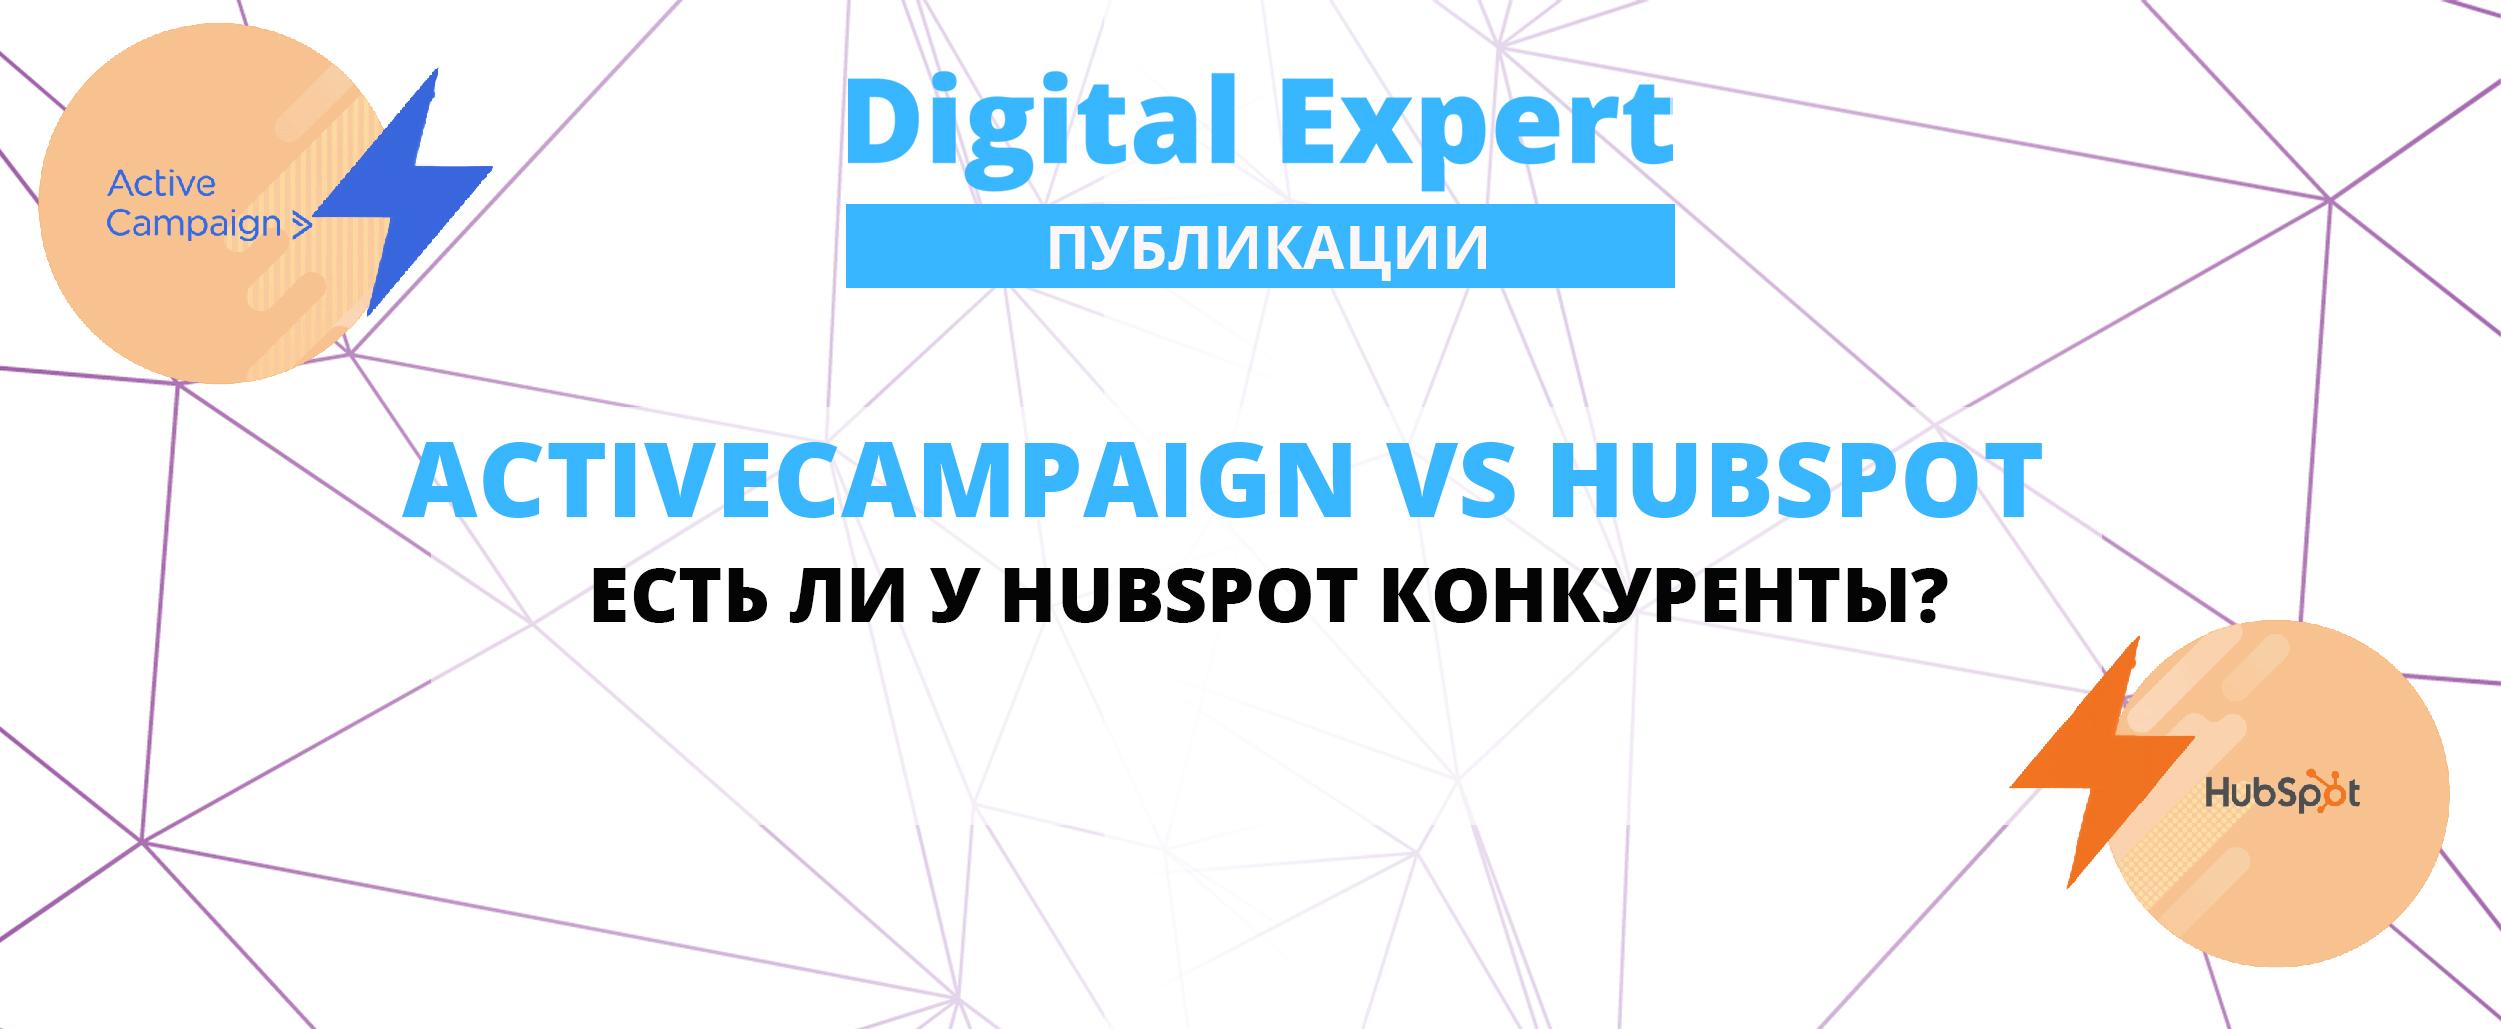 ActiveCampaign против HubSpot - есть ли у HubSpot конкуренты?